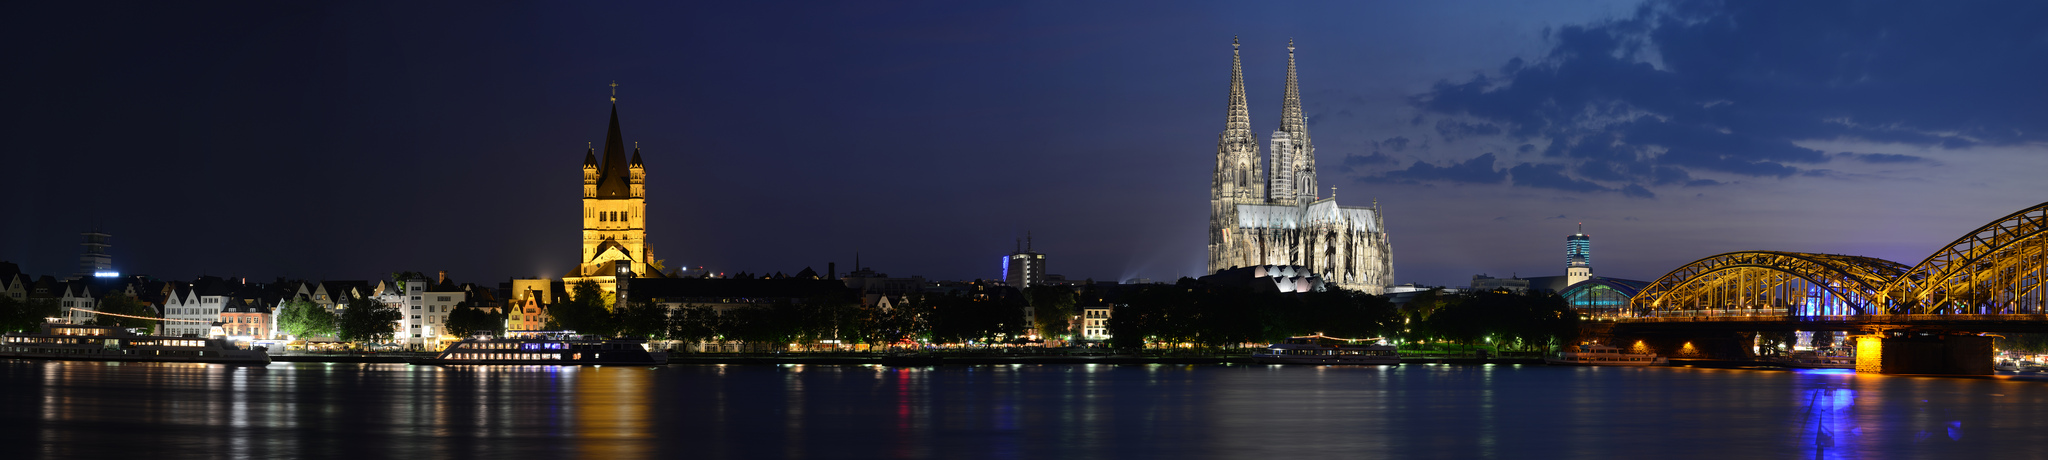 Kölner Rheinufer bei Nacht